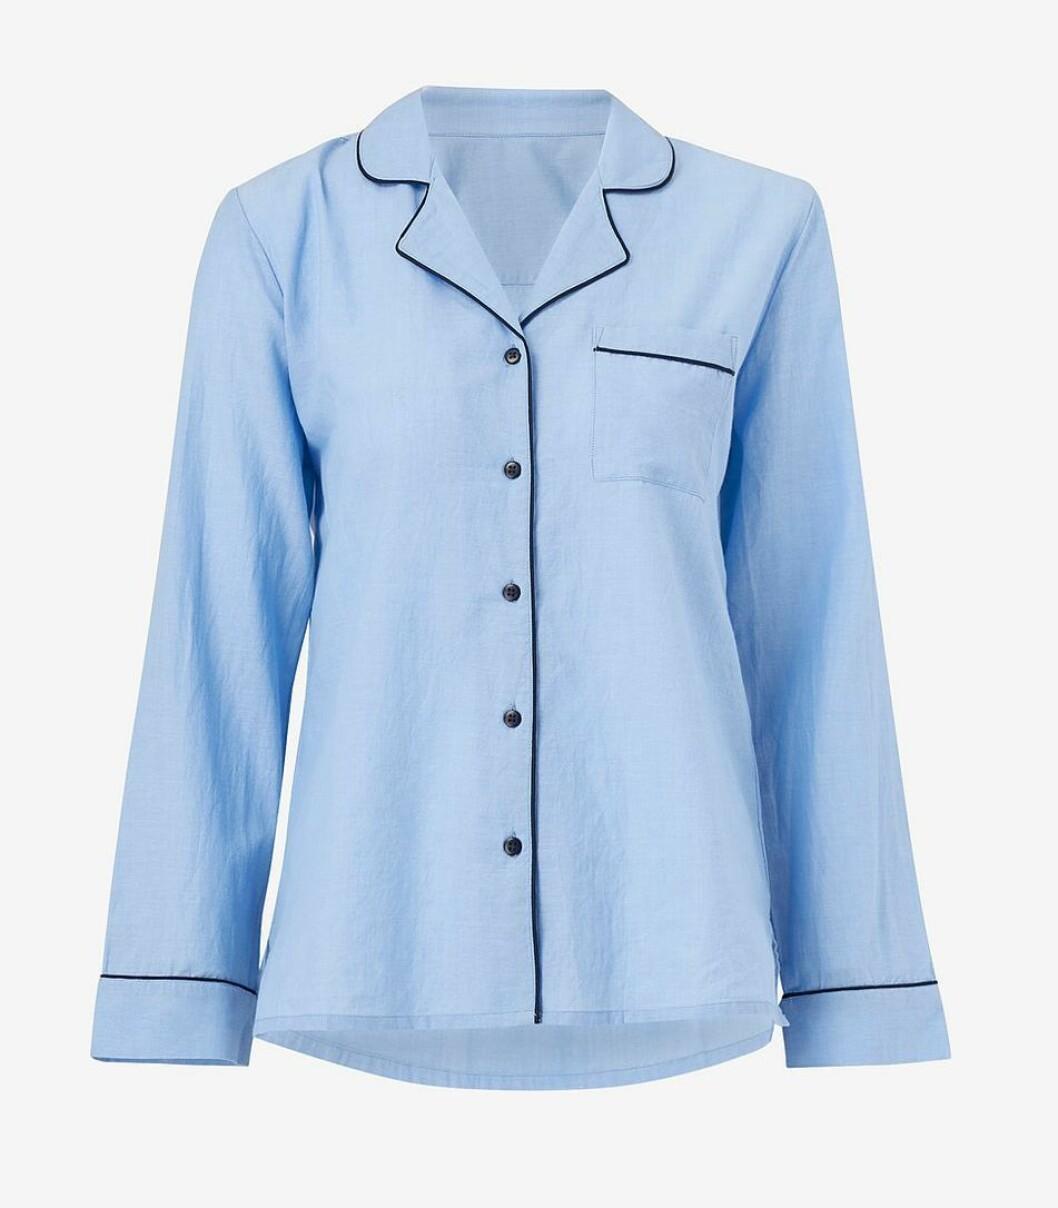 Blå pyjamasskjorta för dam till 2019